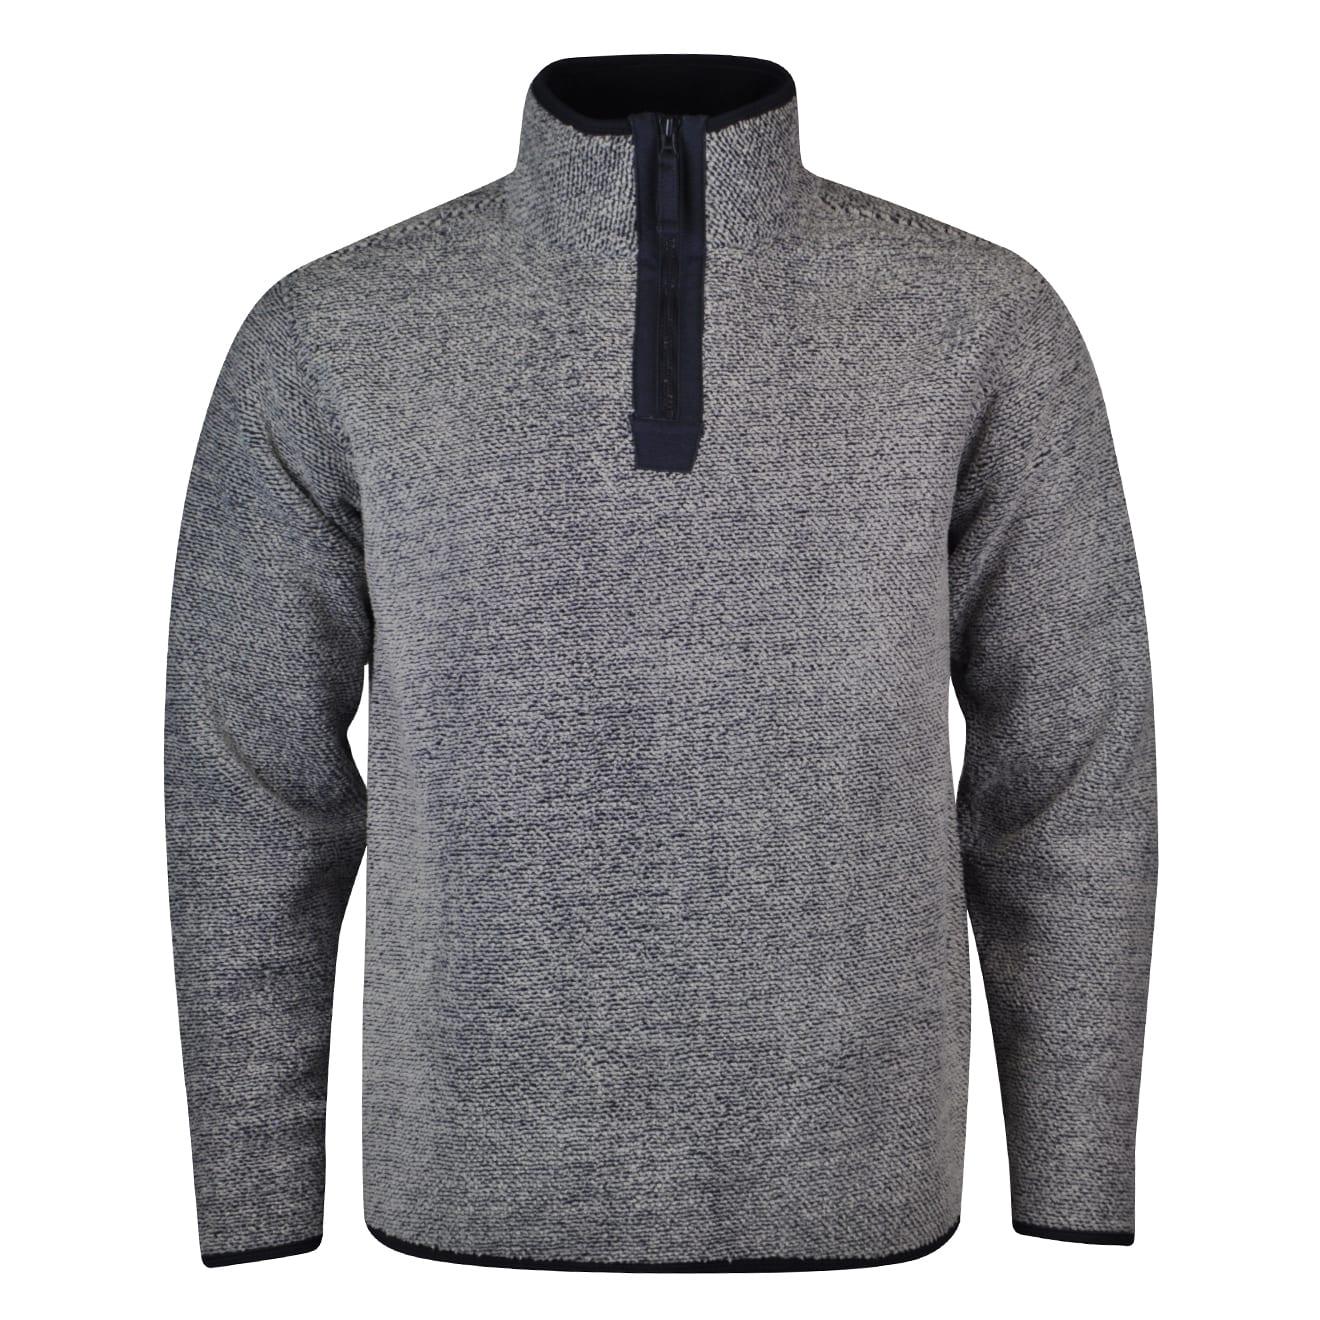 Alan paine buxton full zip fleece navy